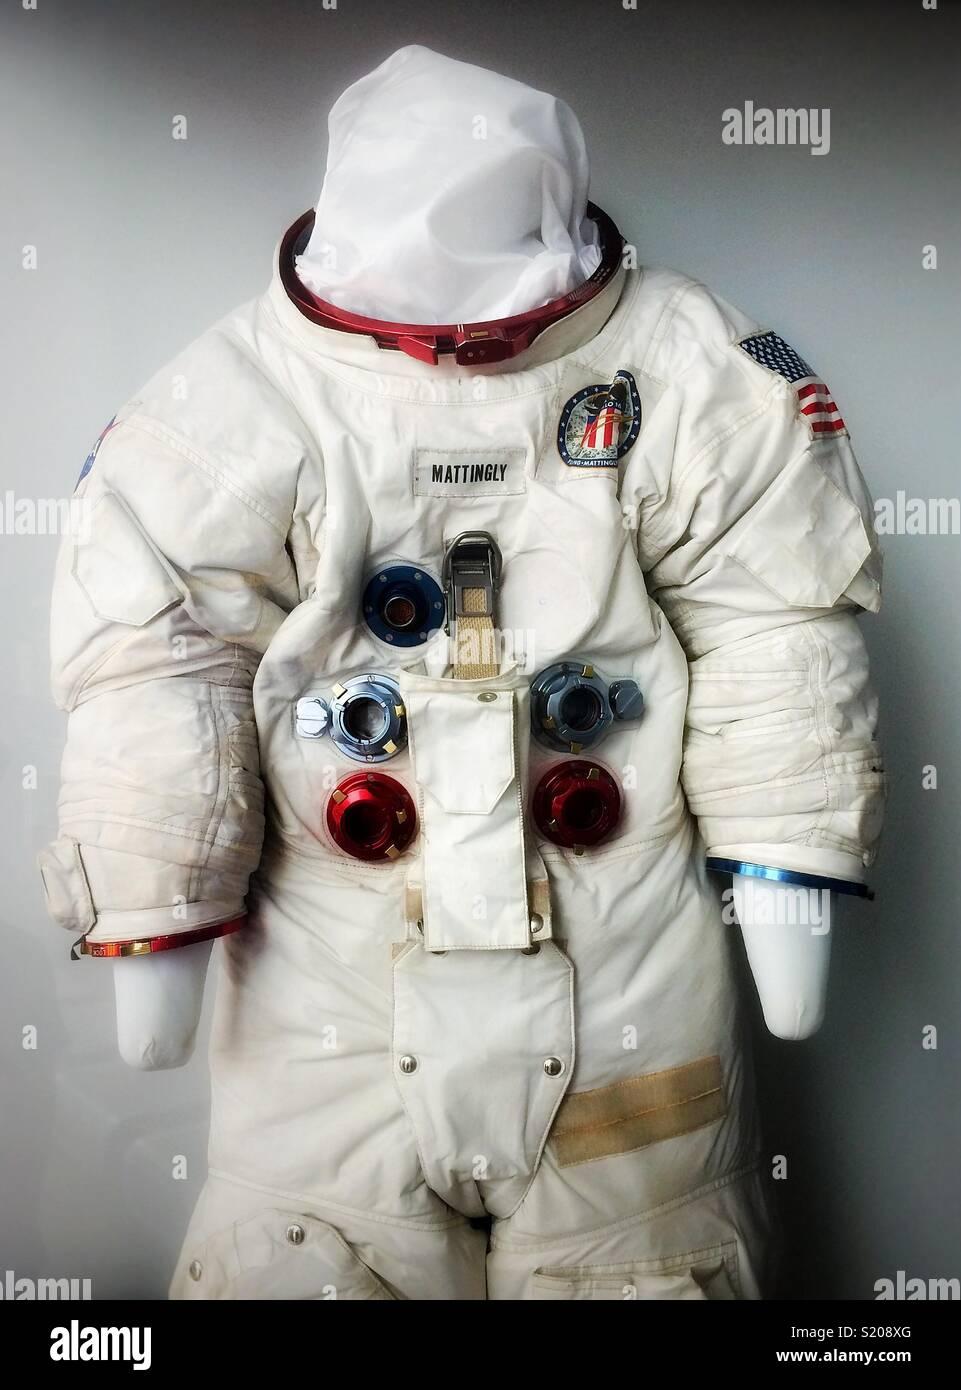 El astronauta Ken Mattingly 's traje espacial en el Museo de la ciencia de Los Ángeles, California, Estados Unidos. Imagen De Stock